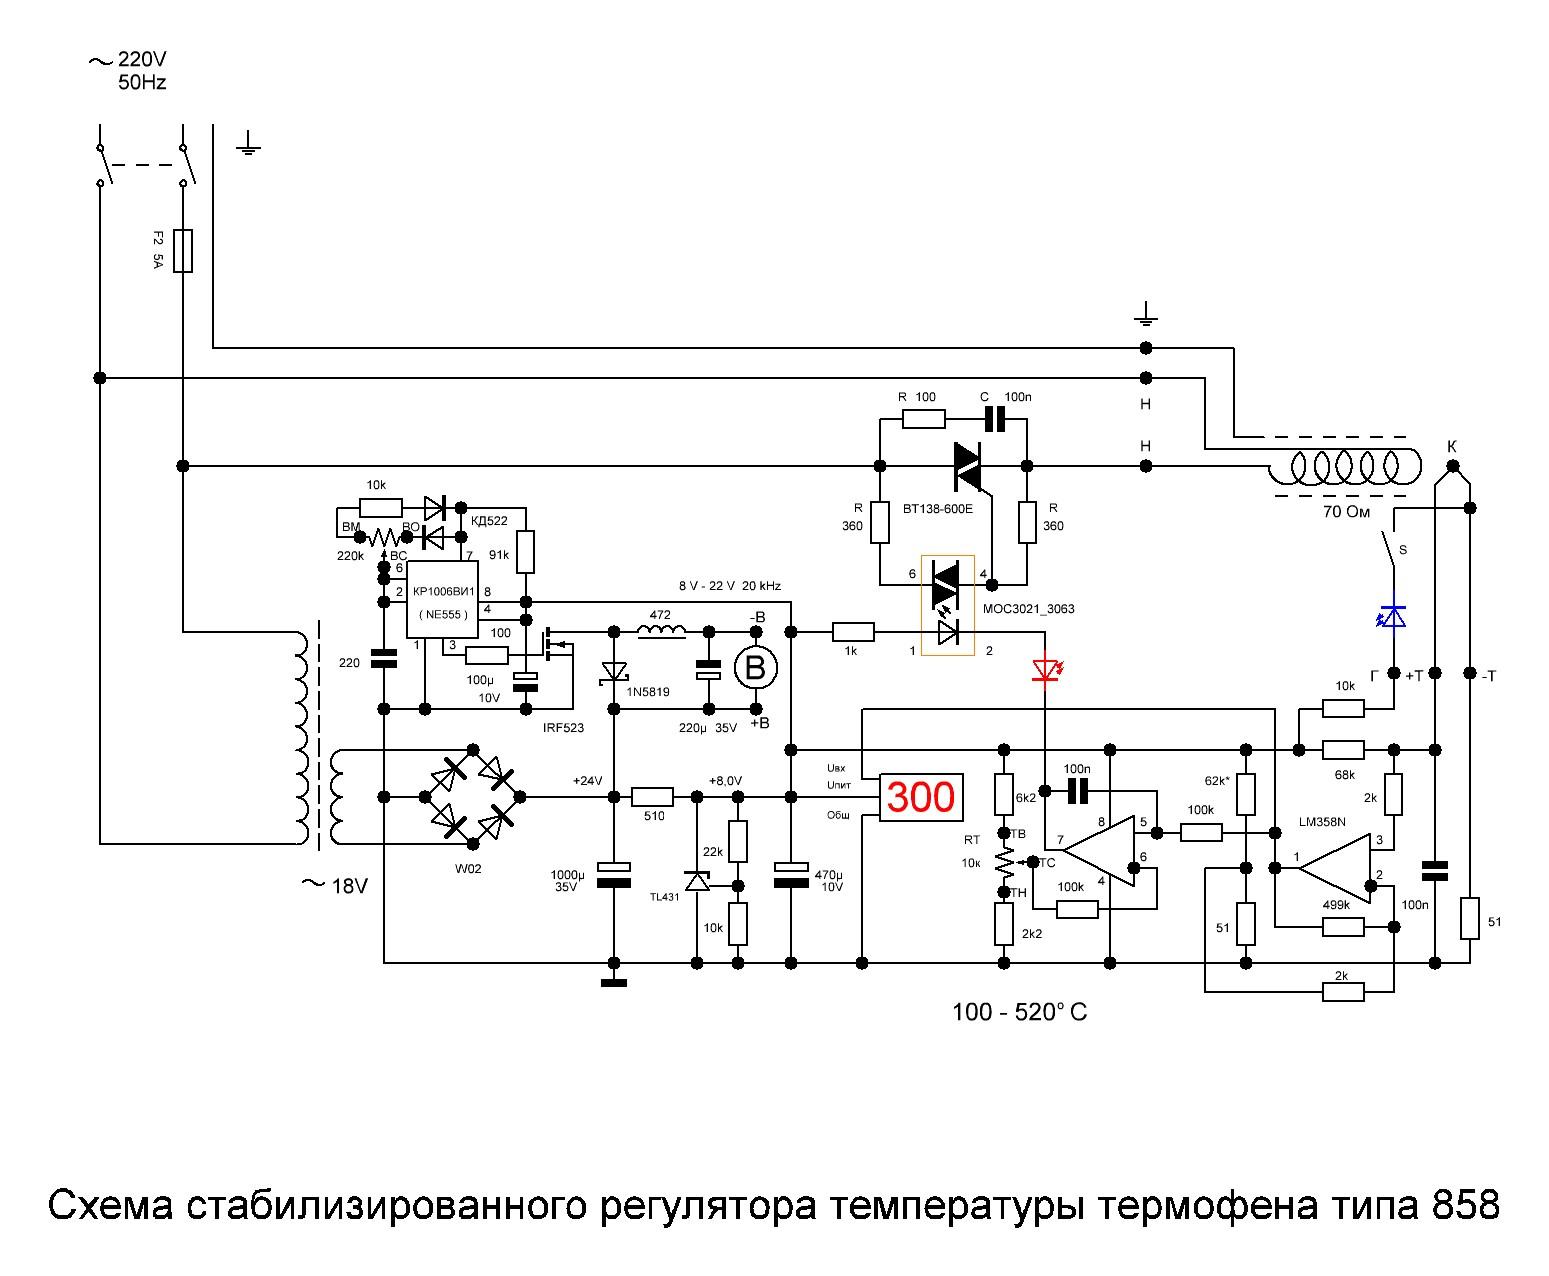 Регулятор температуры паяльника своими руками на atmega и жк 1602 52